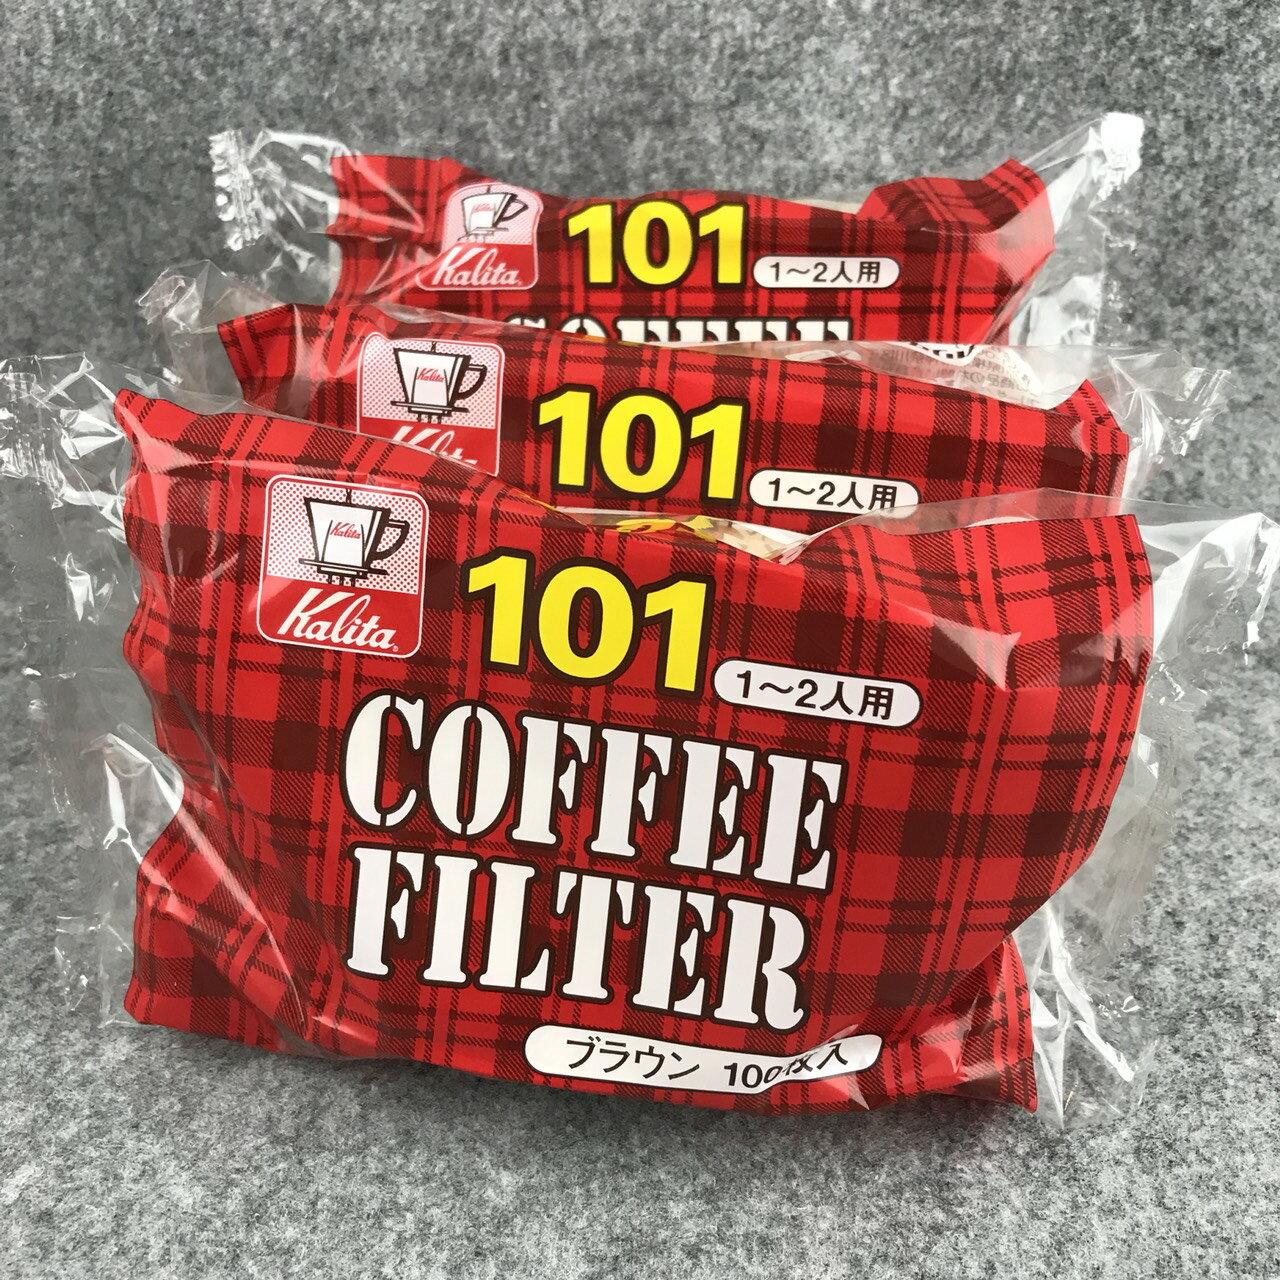 【沐湛咖啡】新版包裝 KALITA 日本進口 101無漂白 扇形濾紙 (1~2人)100入 適用所有扇型濾杯